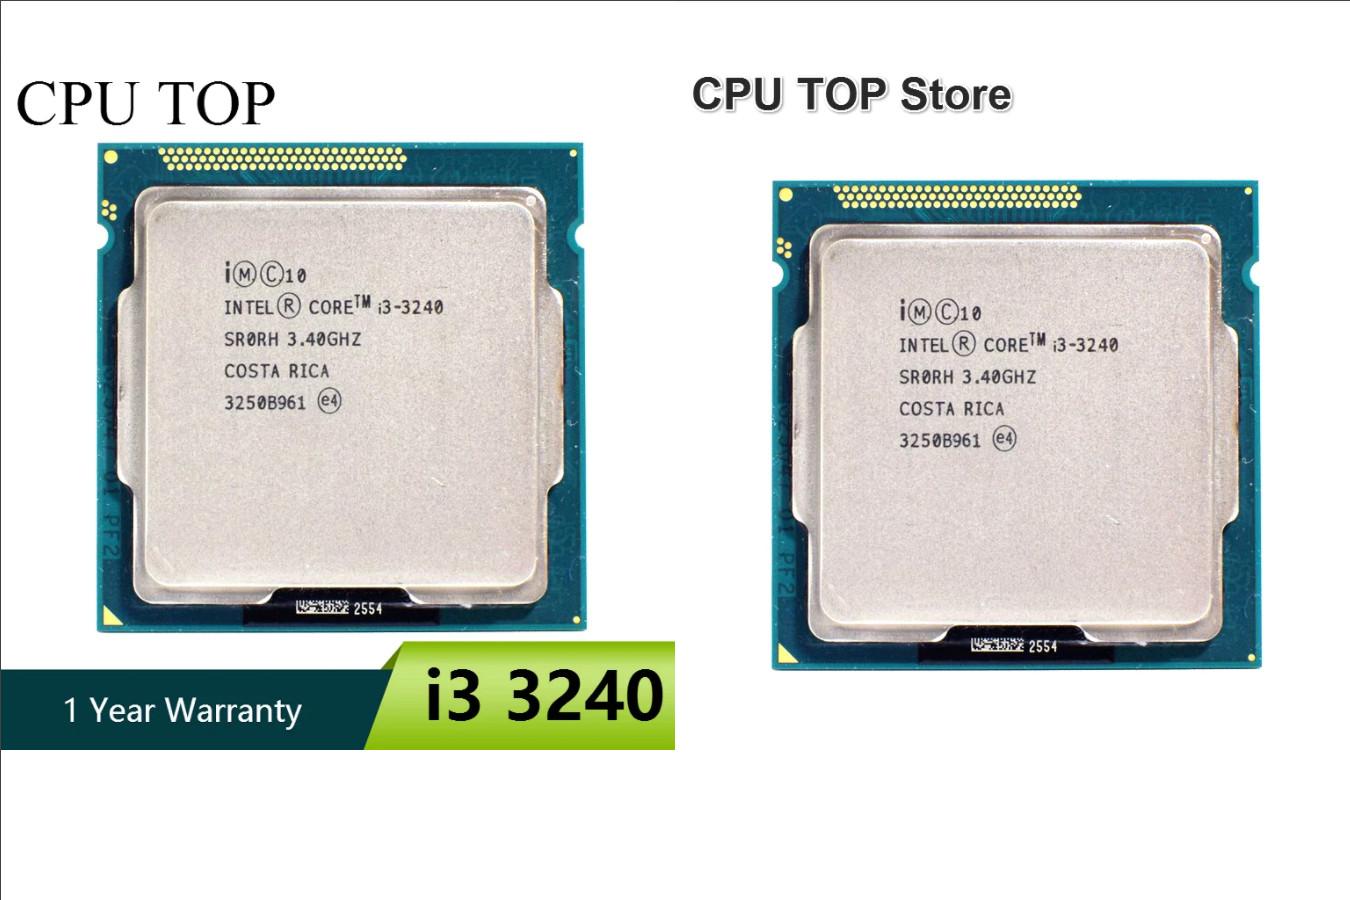 ЦПУ для настольного компьютера — Intel i3 3240